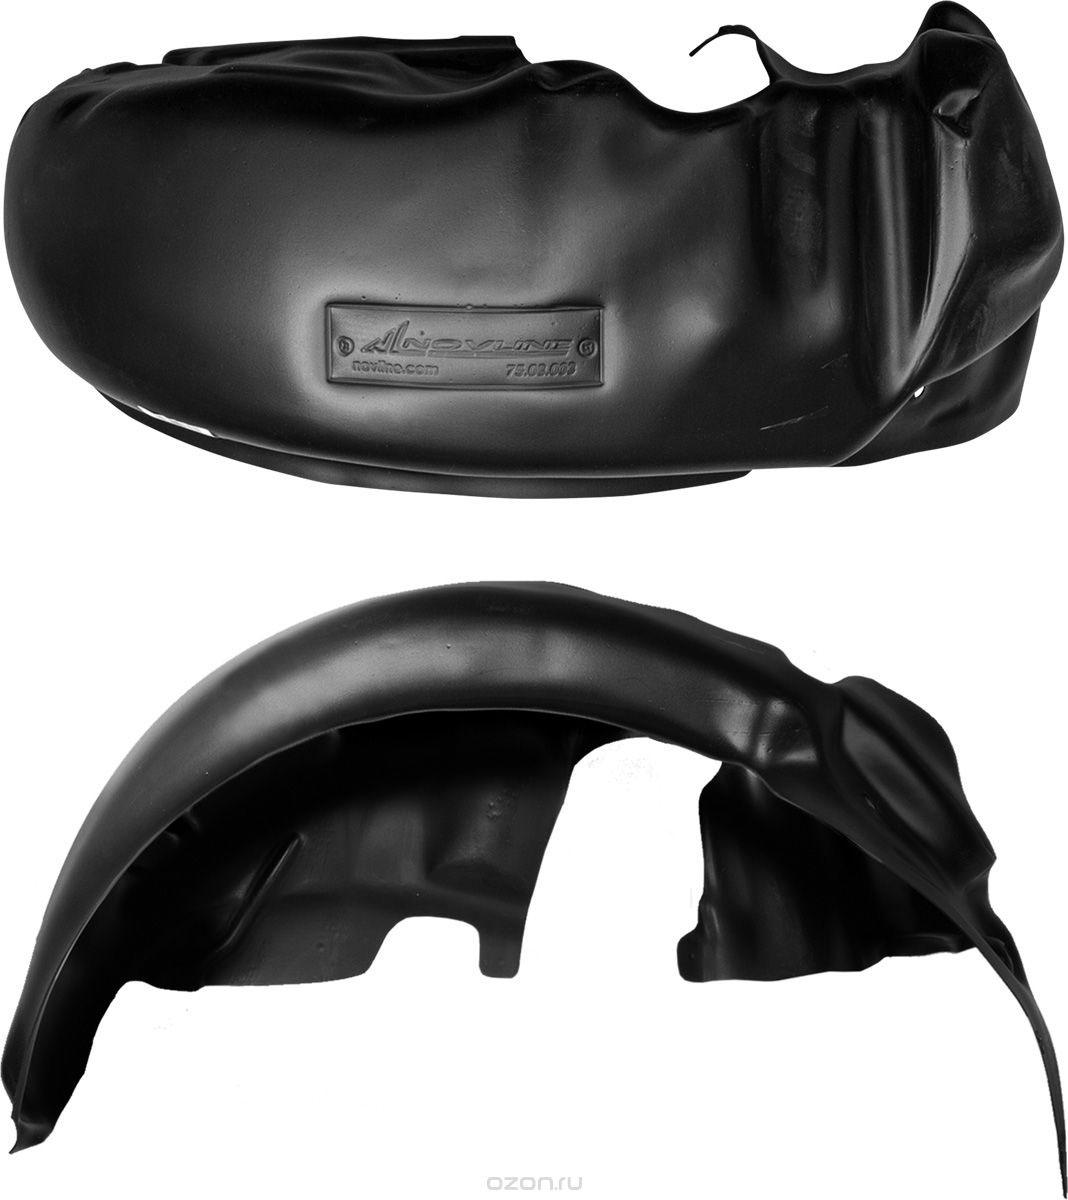 Подкрылок Novline-Autofamily, для DAEWOO Nexia 1995-2007, 2007->, задний левый002103Идеальная защита колесной ниши. Локеры разработаны с применением цифровых технологий, гарантируют максимальную повторяемость поверхности арки. Изделия устанавливаются без нарушения лакокрасочного покрытия автомобиля, каждый подкрылок комплектуется крепежом. Уважаемые клиенты, обращаем ваше внимание, что фотографии на подкрылки универсальные и не отражают реальную форму изделия. При этом само изделие идет точно под размер указанного автомобиля.